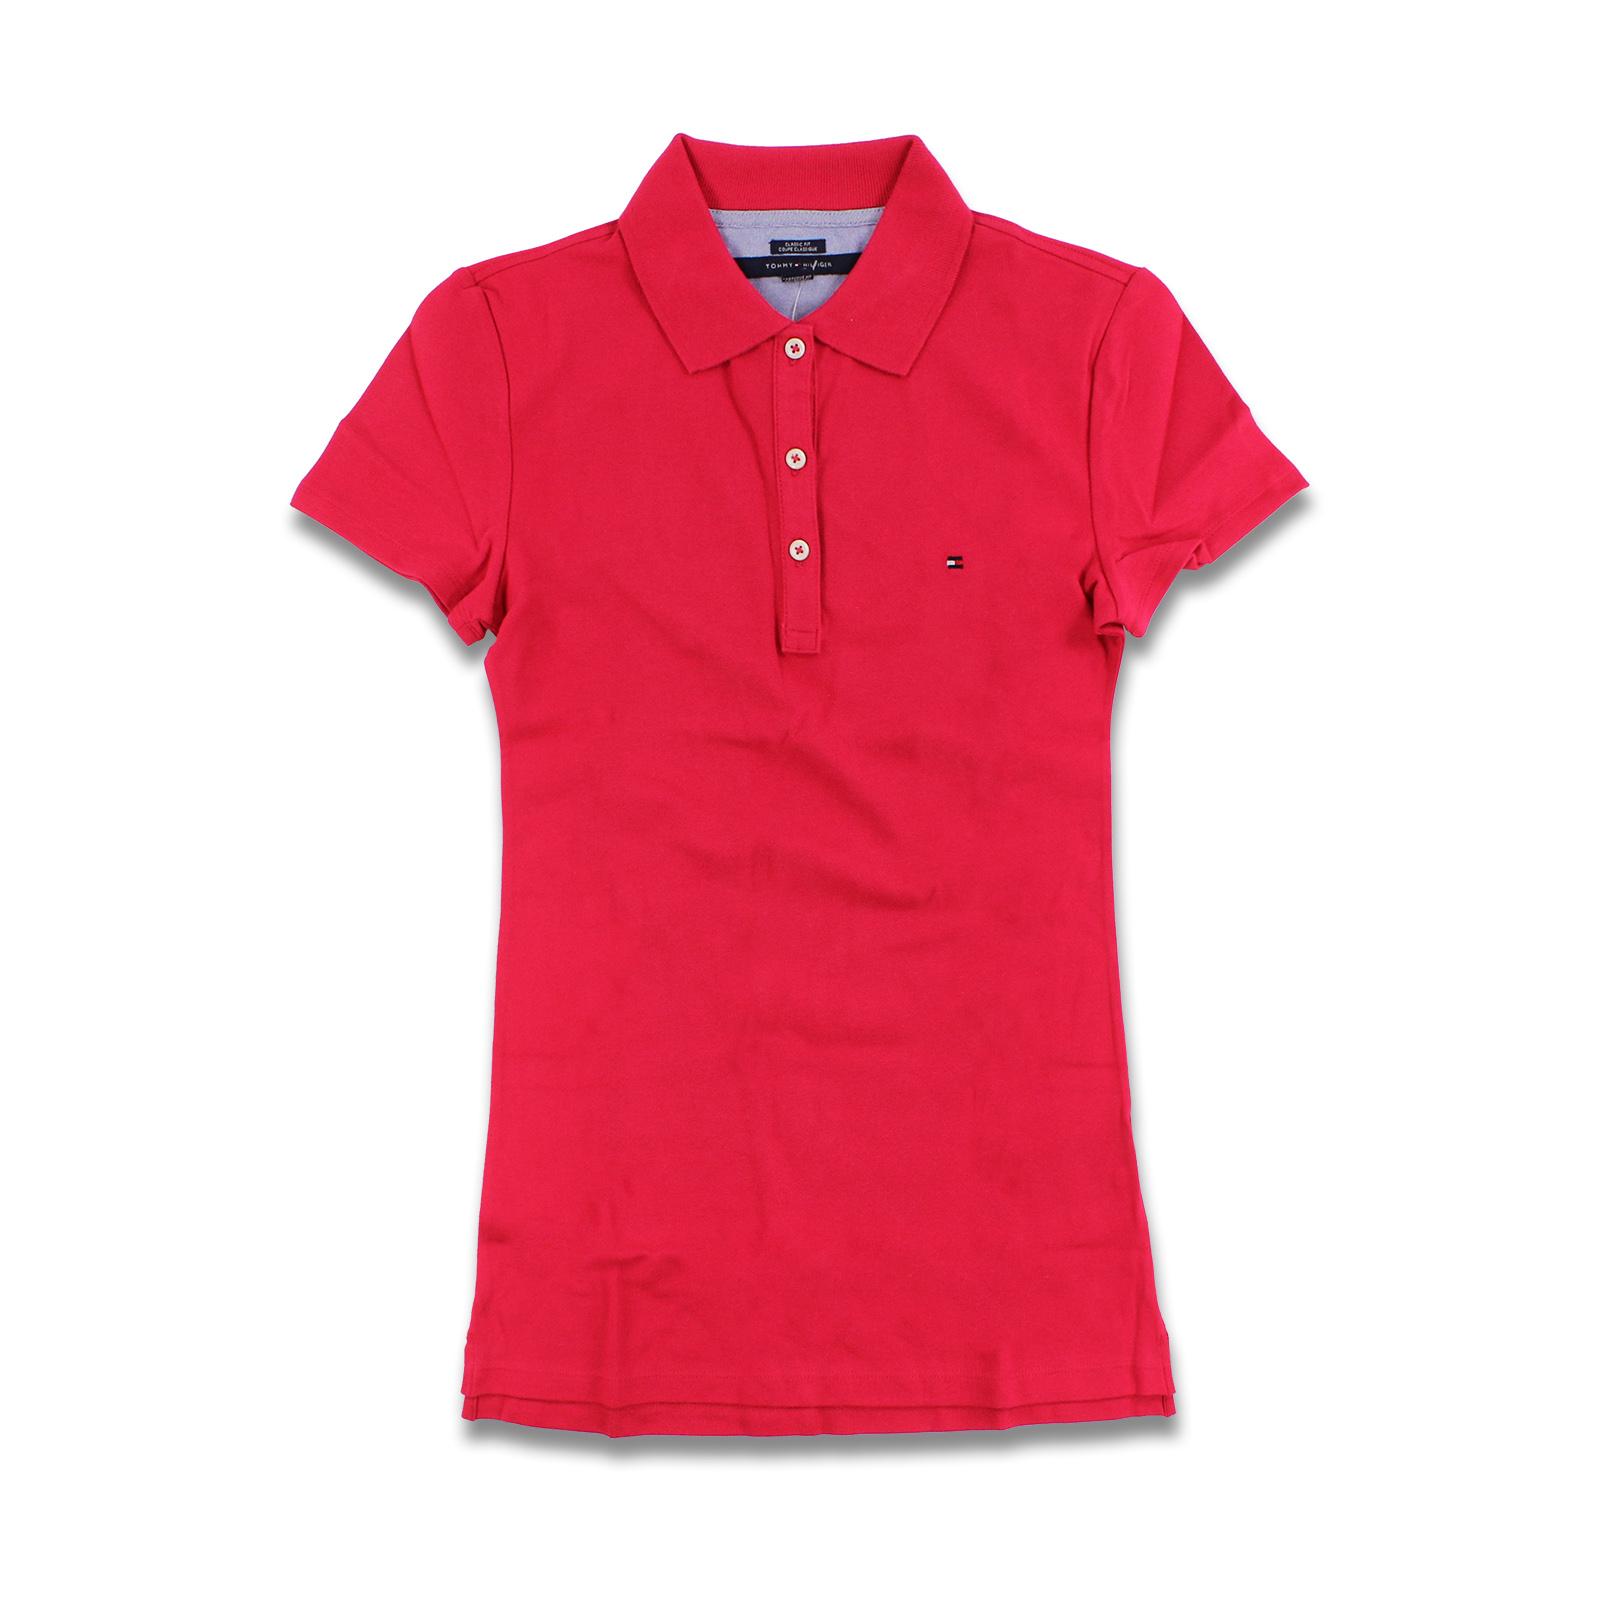 美國百分百【Tommy Hilfiger】POLO衫 TH 女衣 網眼 短袖 桃紅 腰身 顯瘦 純棉 XS S B102